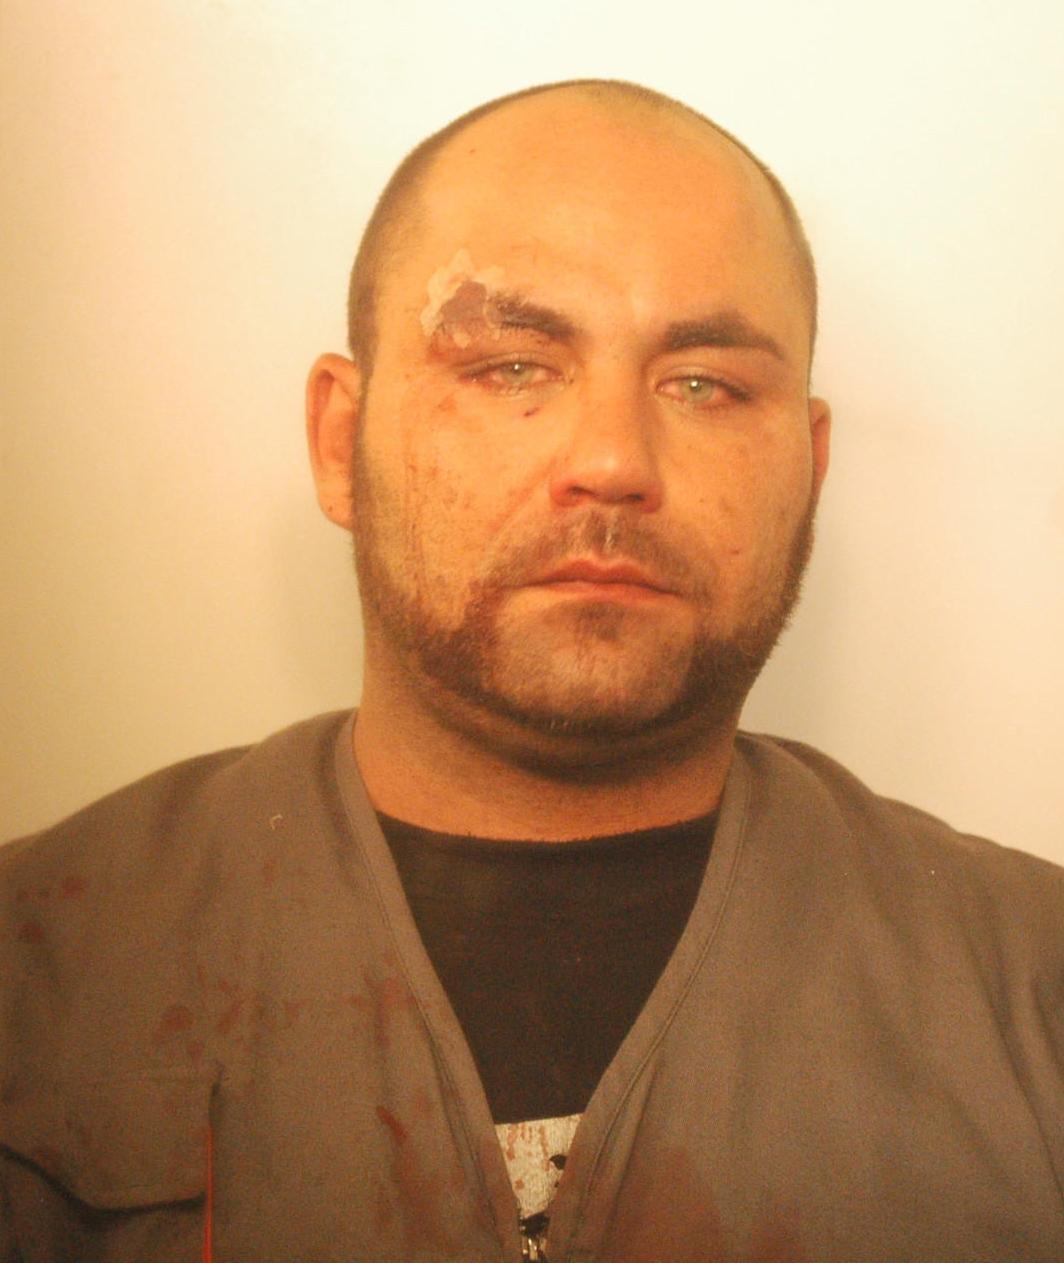 San Basilio, ubriaco al volante uccido 27enne